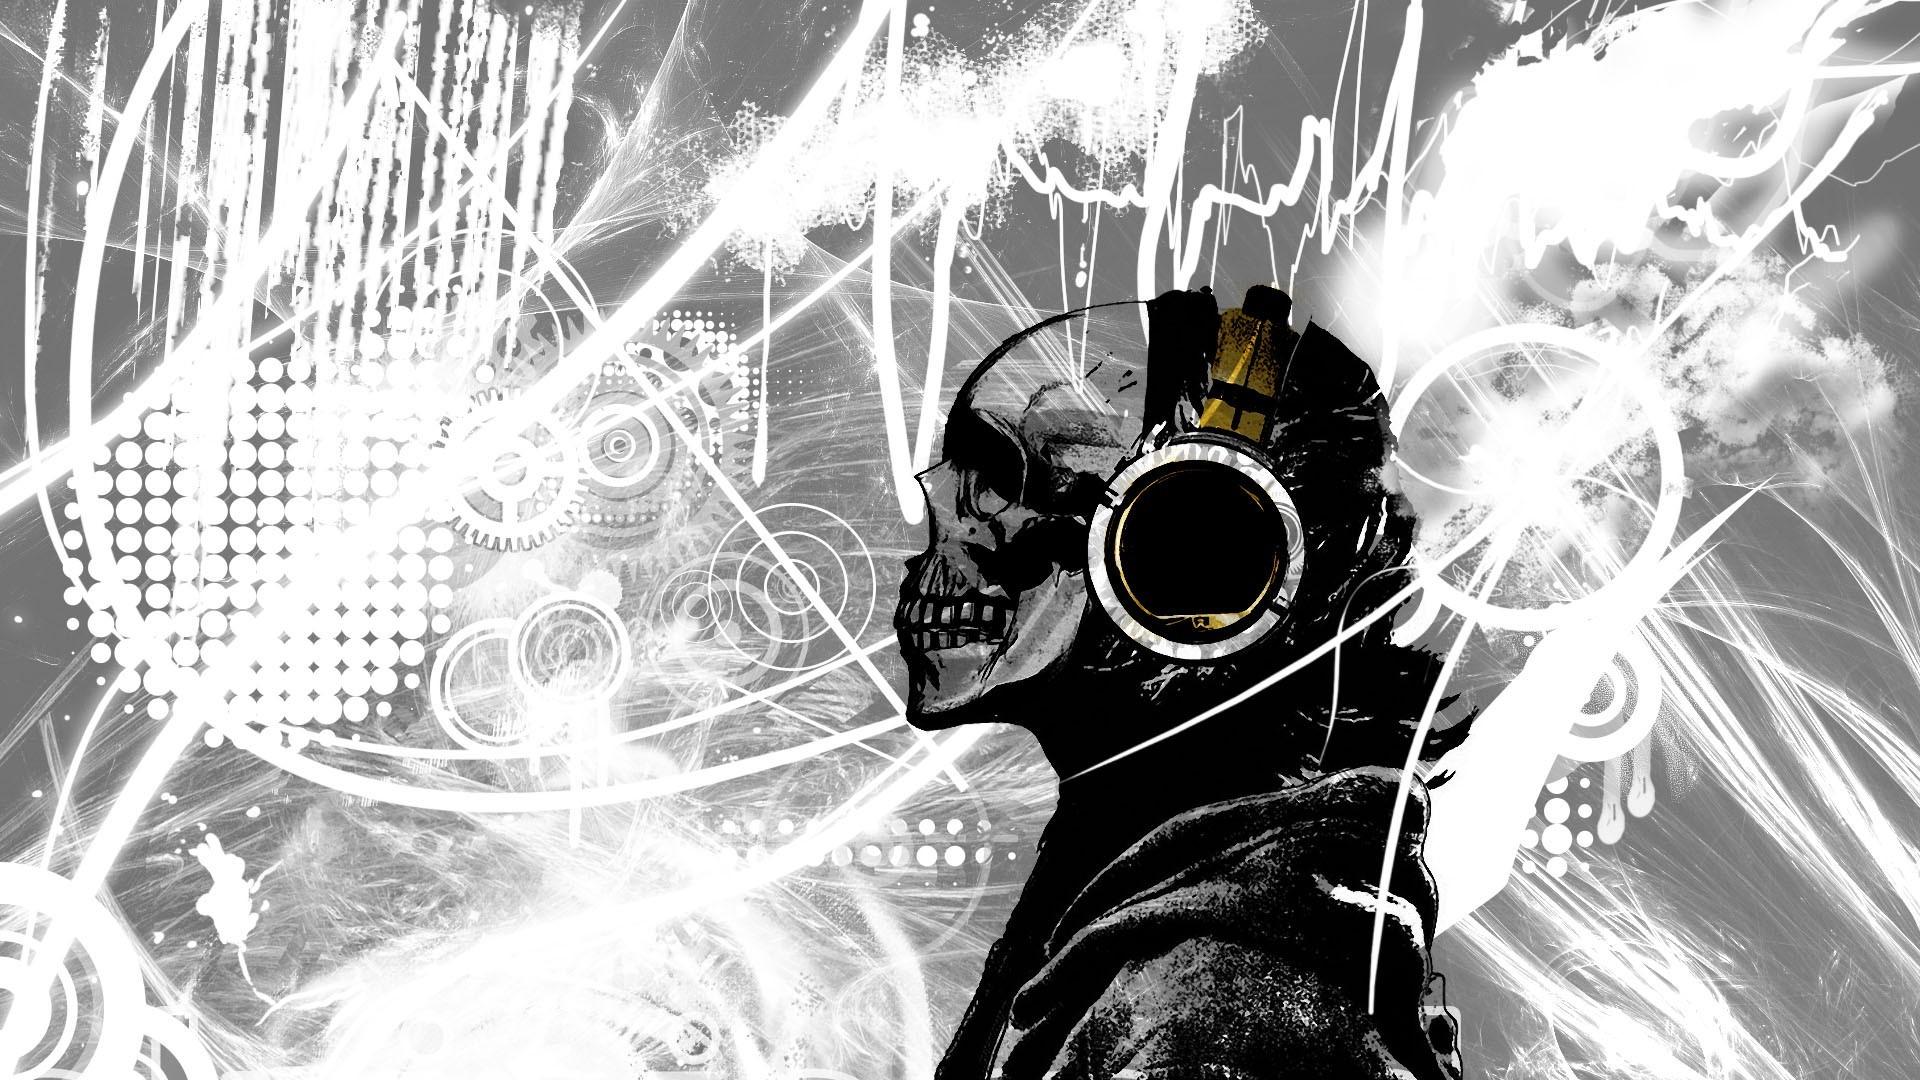 Skull Wallpaper Hd 219994